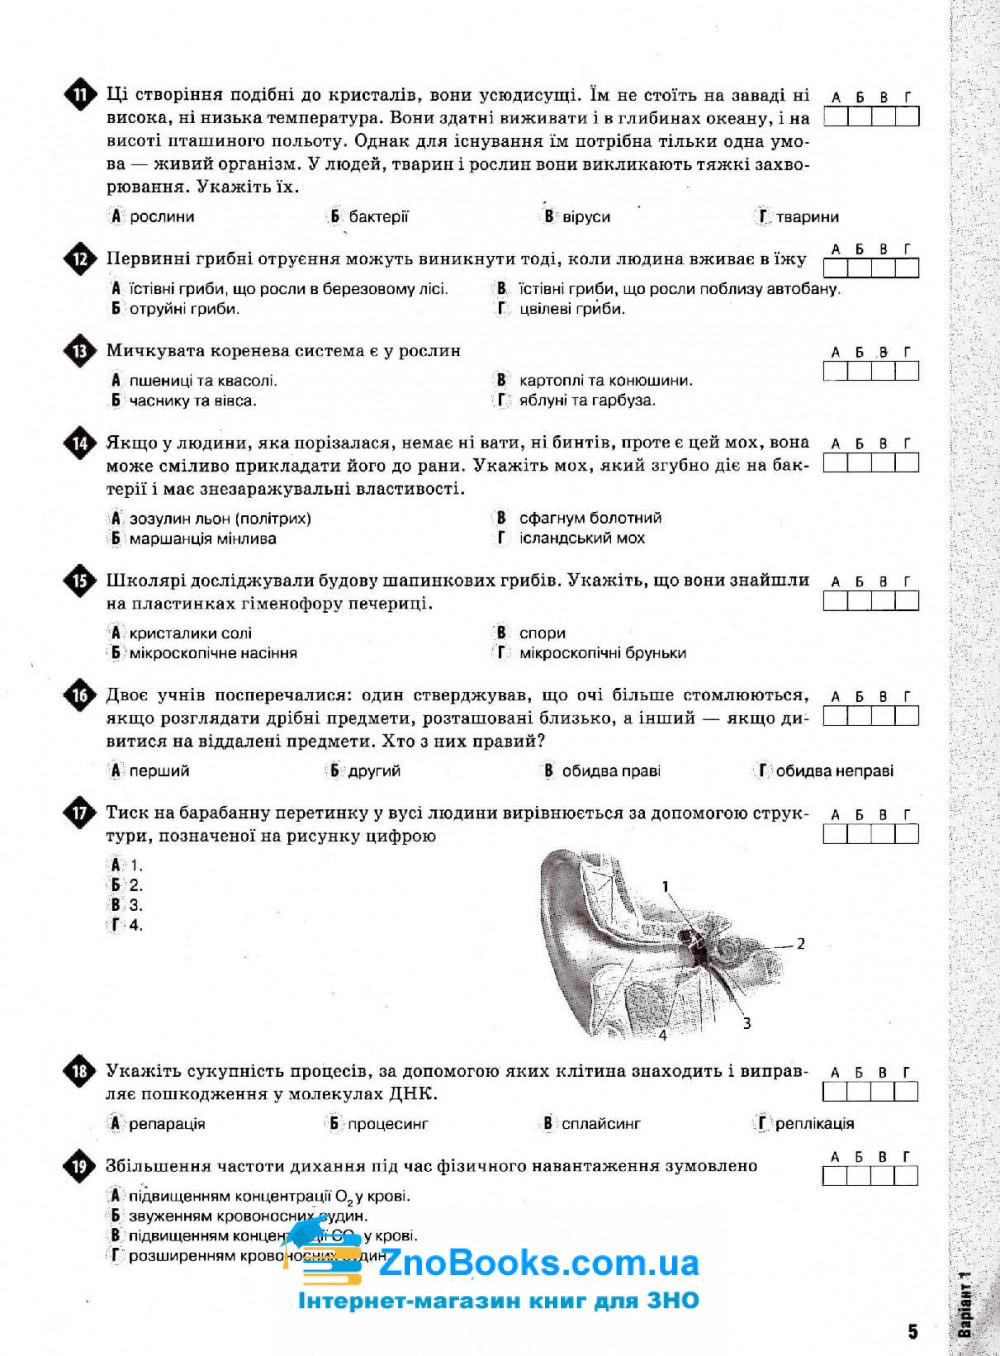 Біологія (Сліпчук). Тести до ЗНО 2020. Освіта купити 5